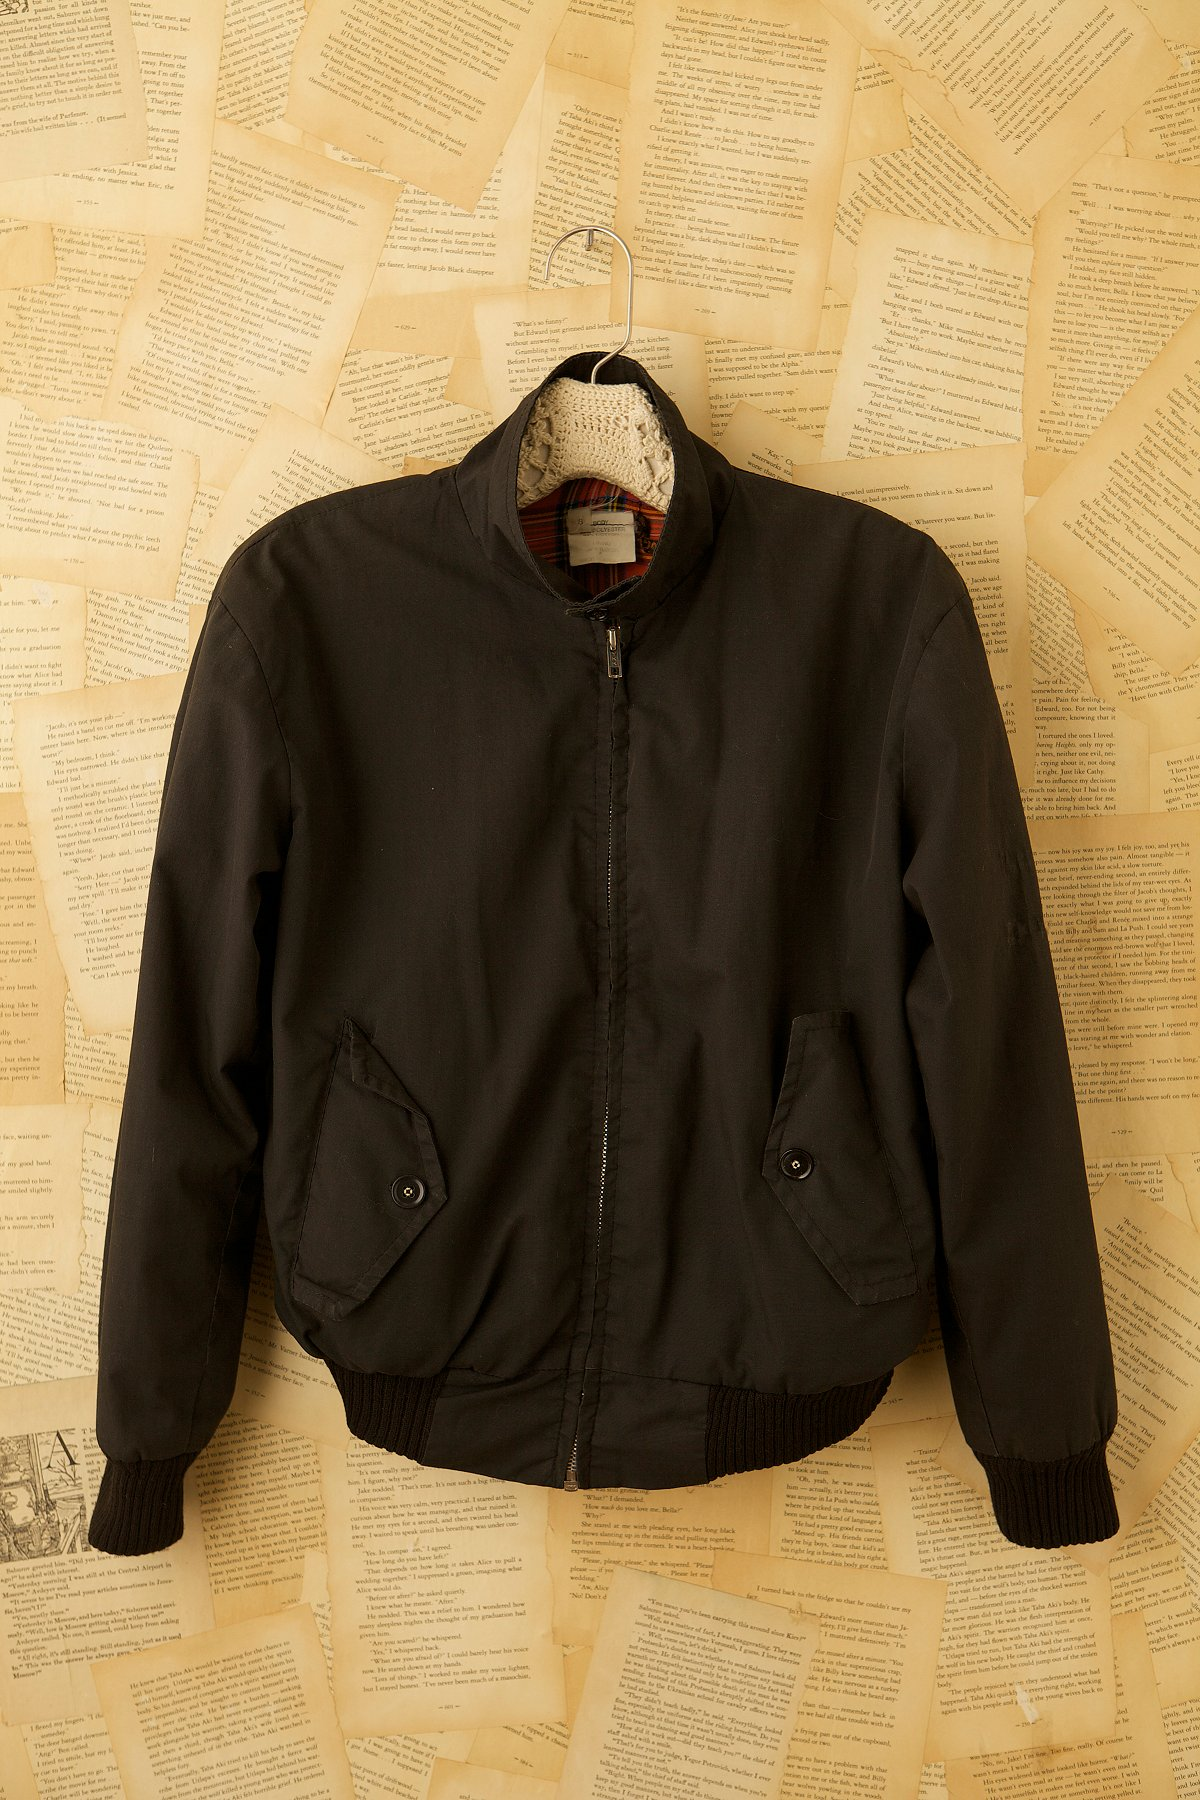 Vintage 1970s Harrington Jacket